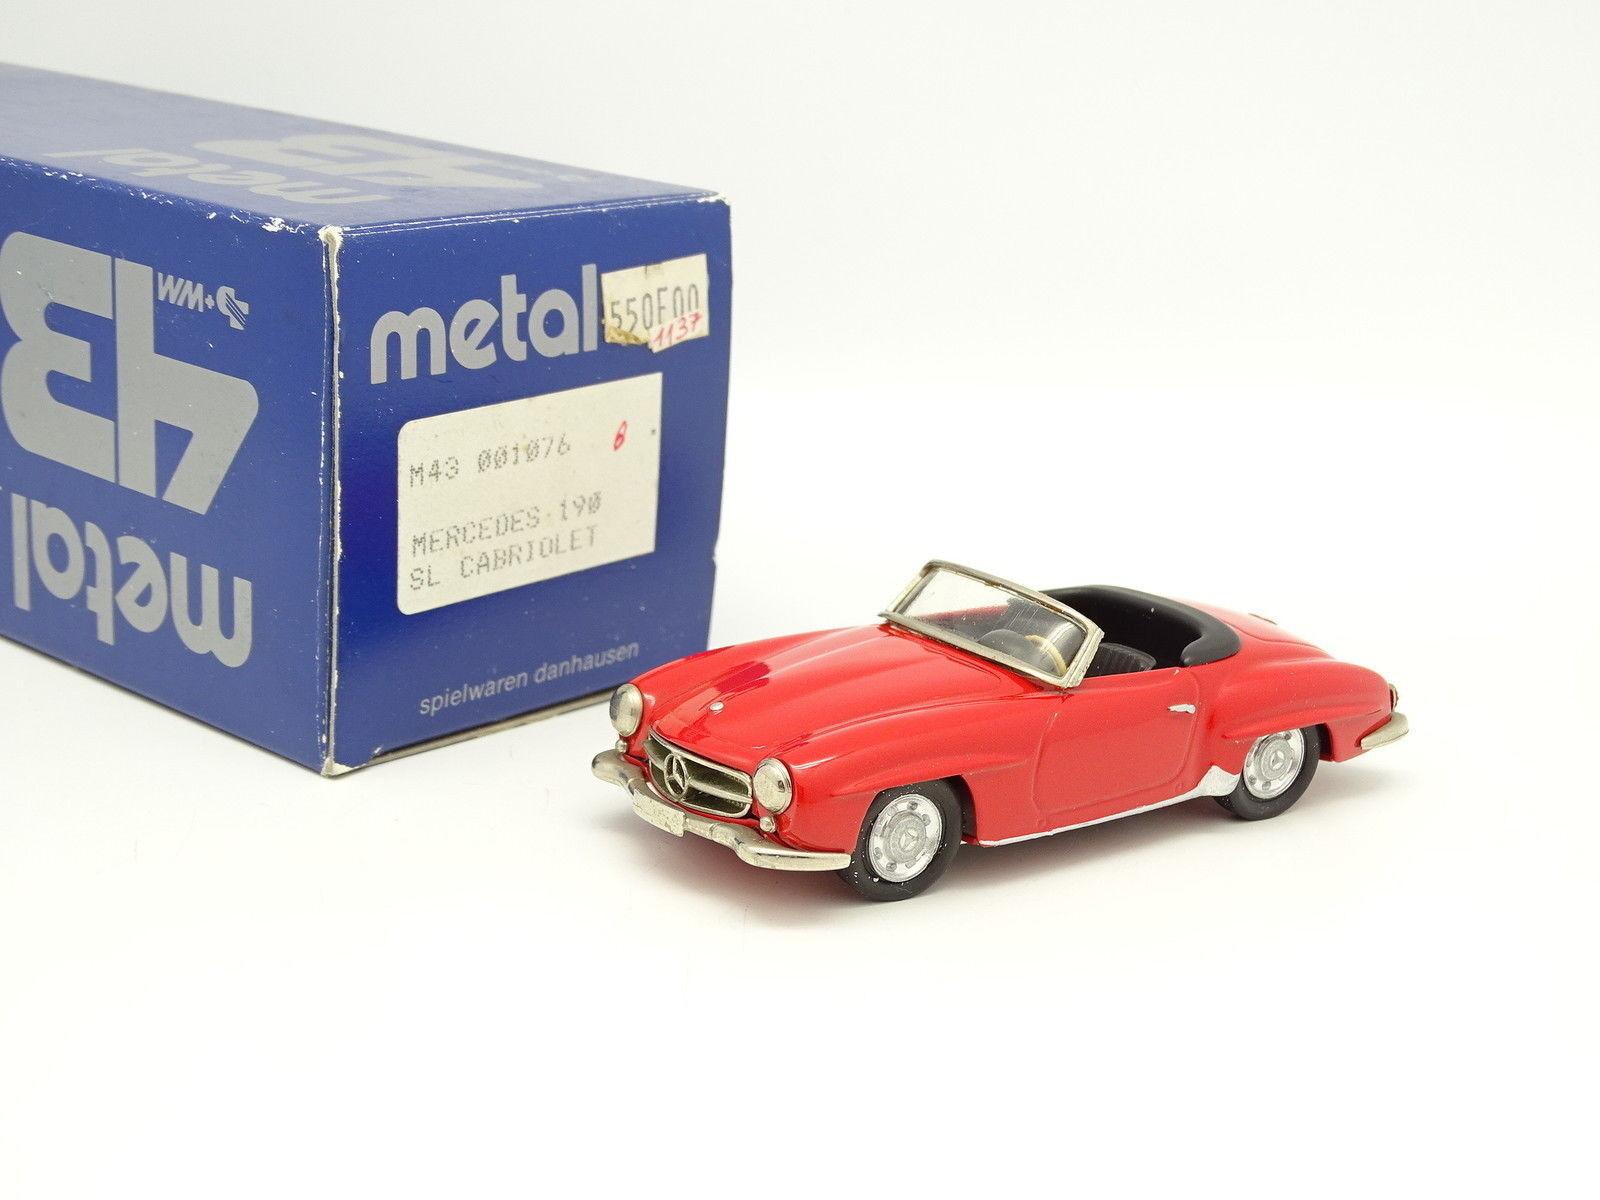 Danhausen weißen metall 1   43 - mercedes 190 sl - cabrio.